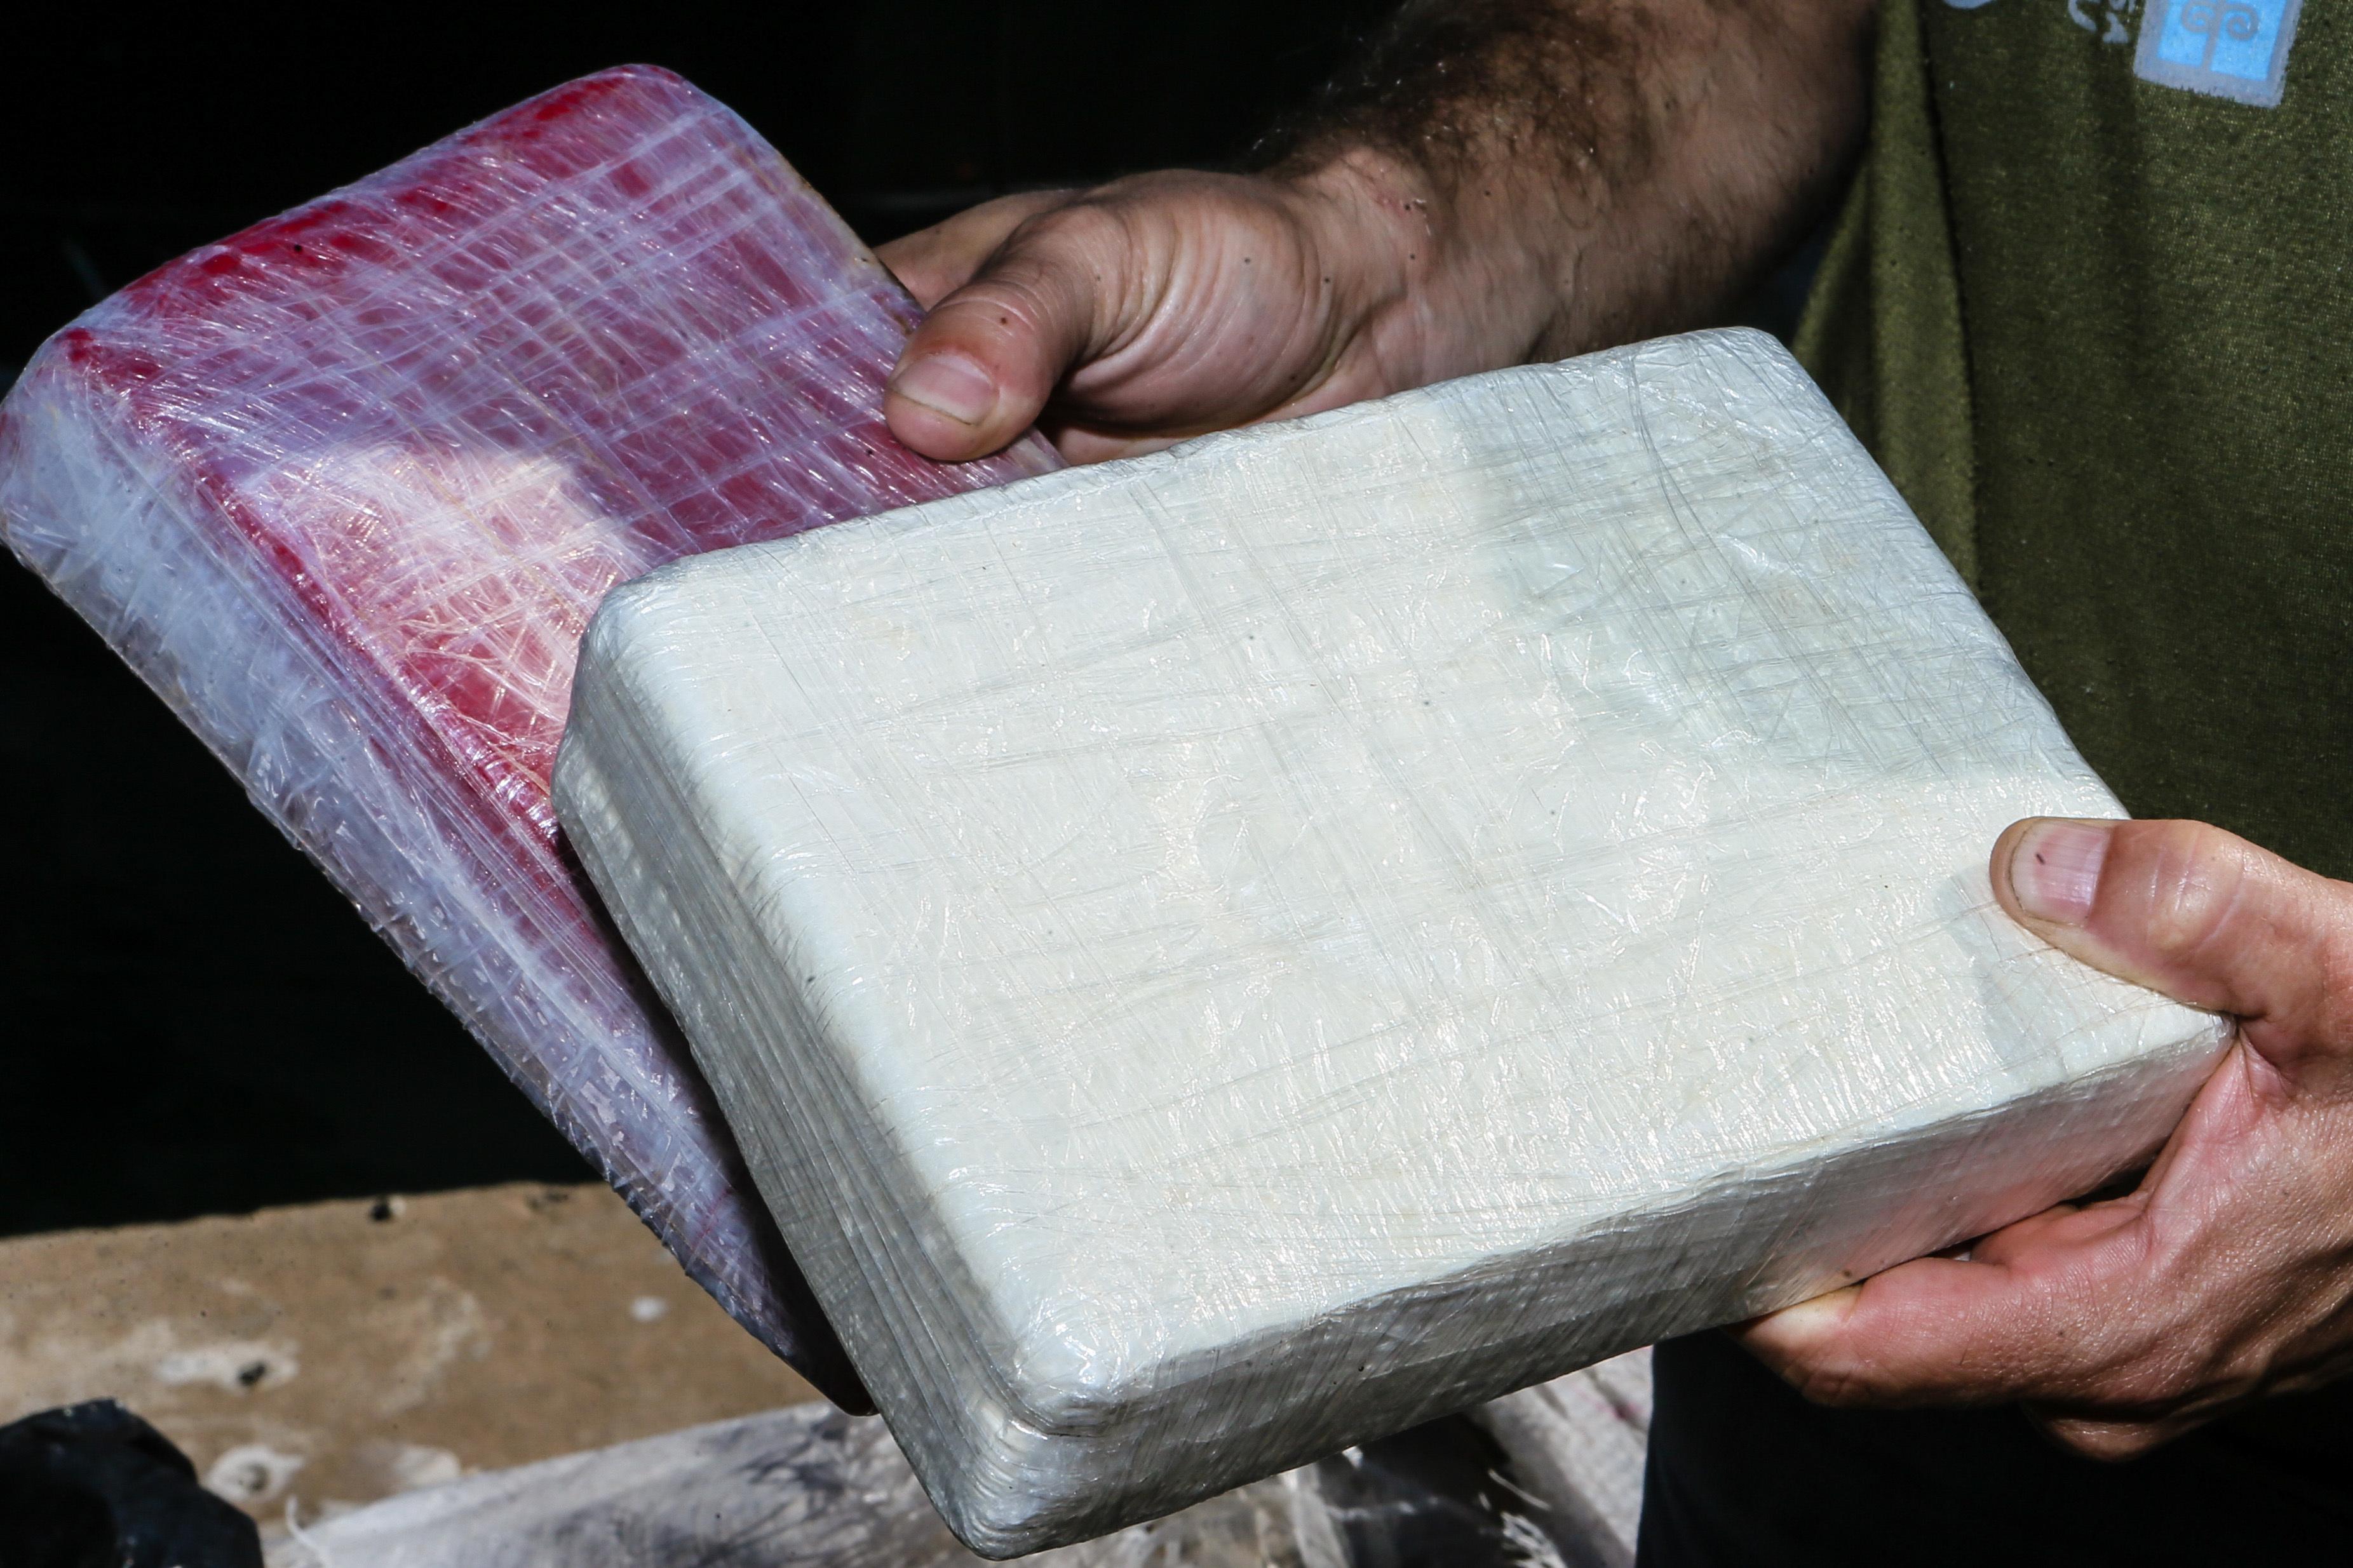 Apreendidas 8,7 toneladas de cocaína em Algeciras, a maior apreensão de sempre em Espanha